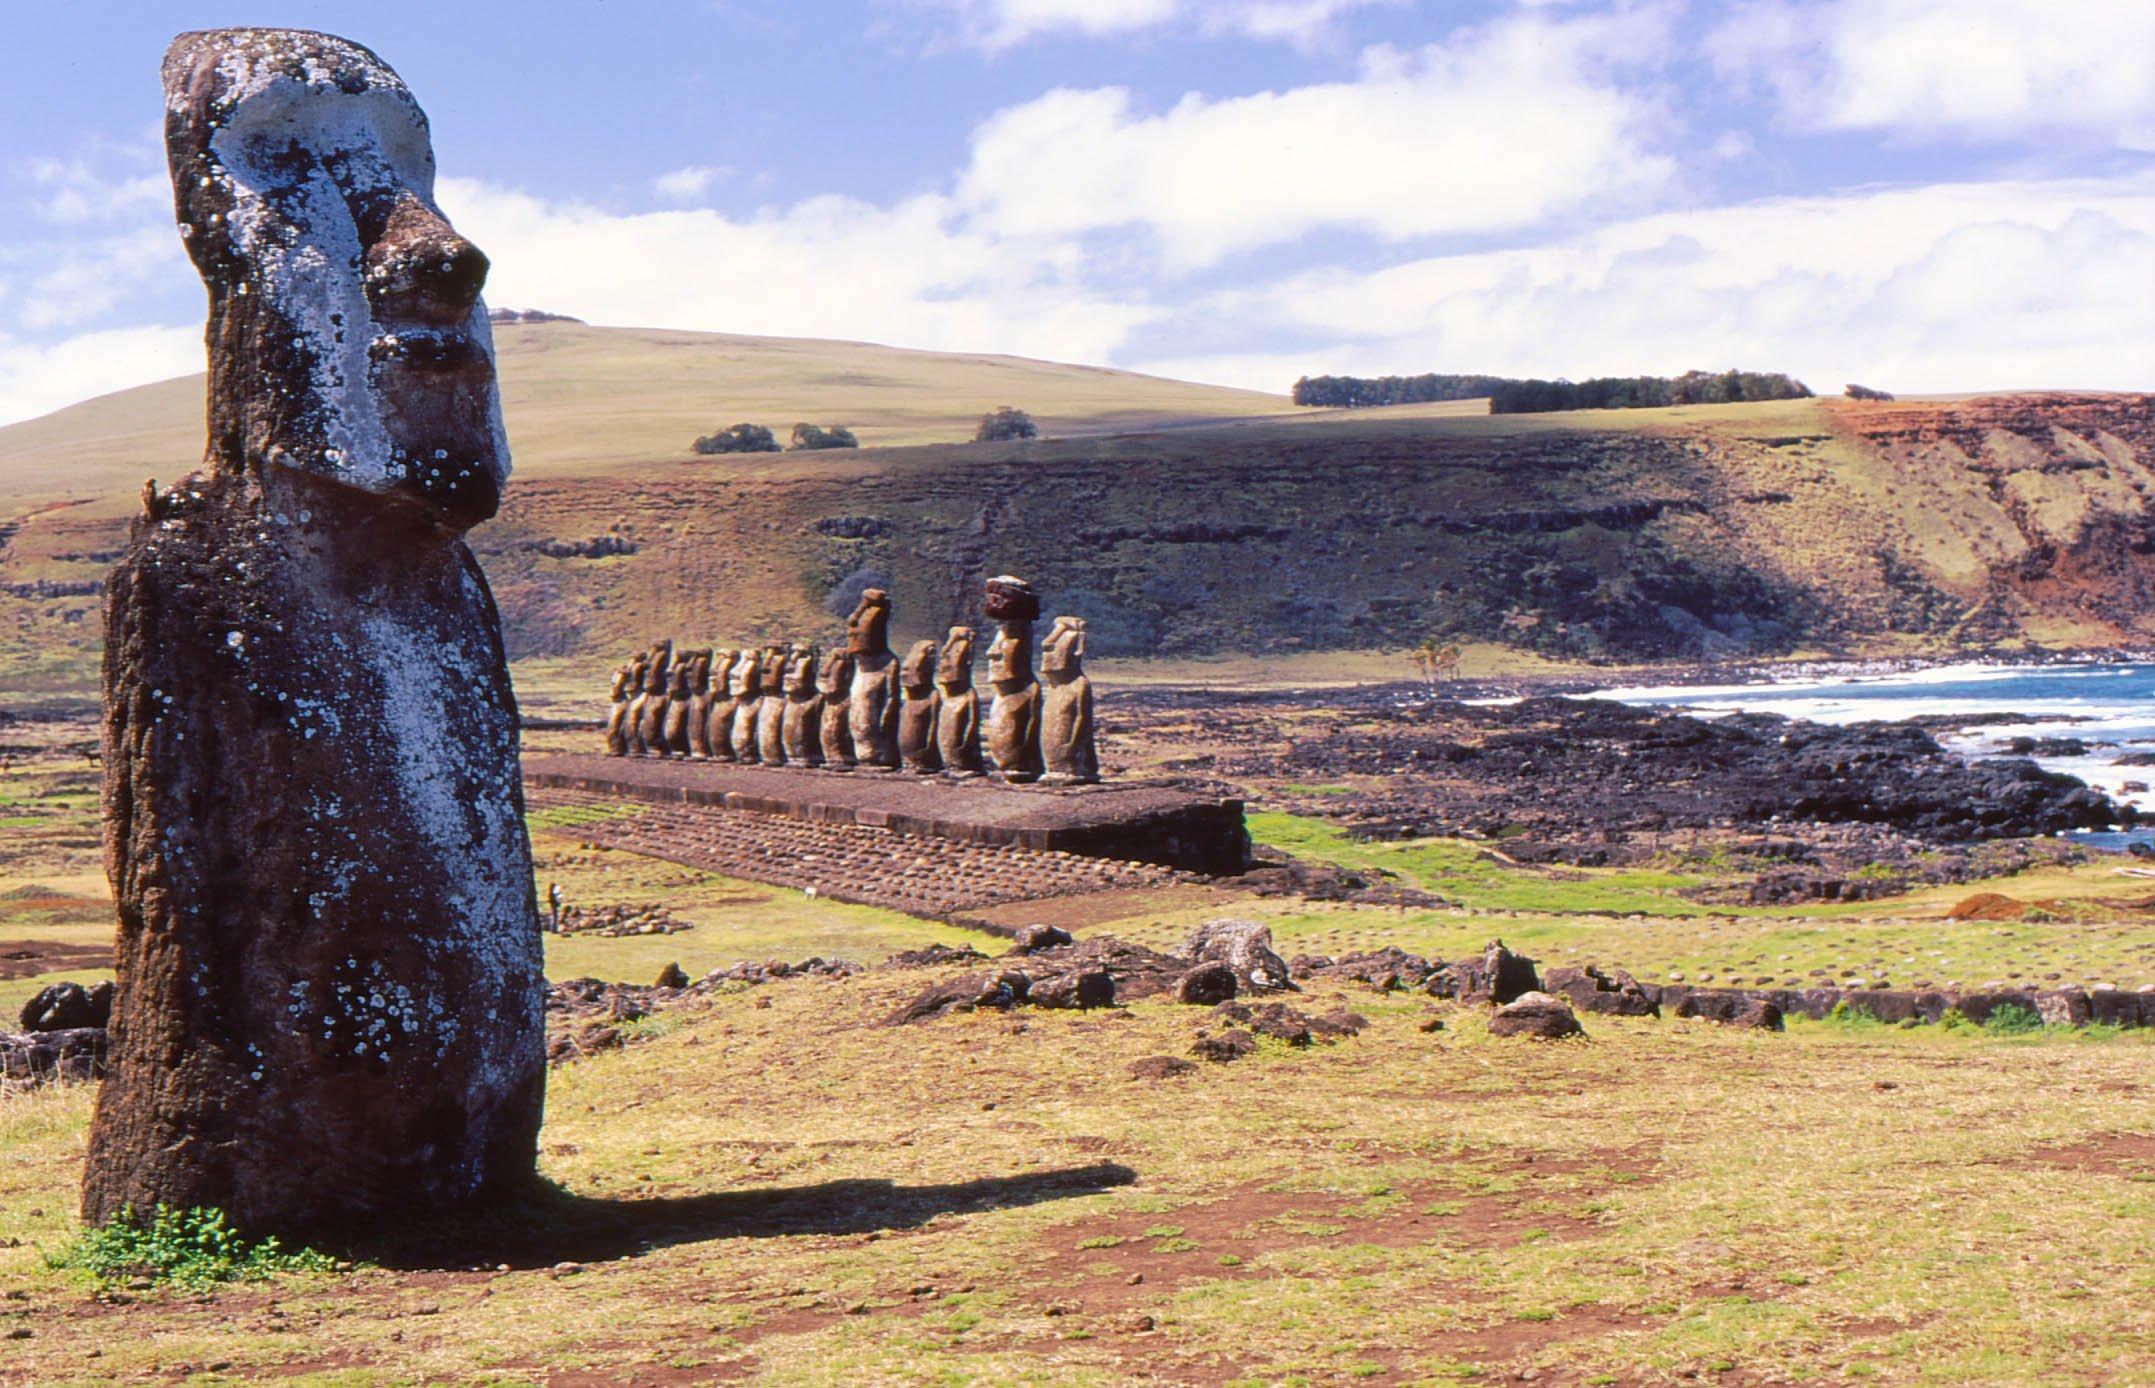 Viaggio di nozze, si parte! Perù - Cile - Isola di Pasqua - TgTourism